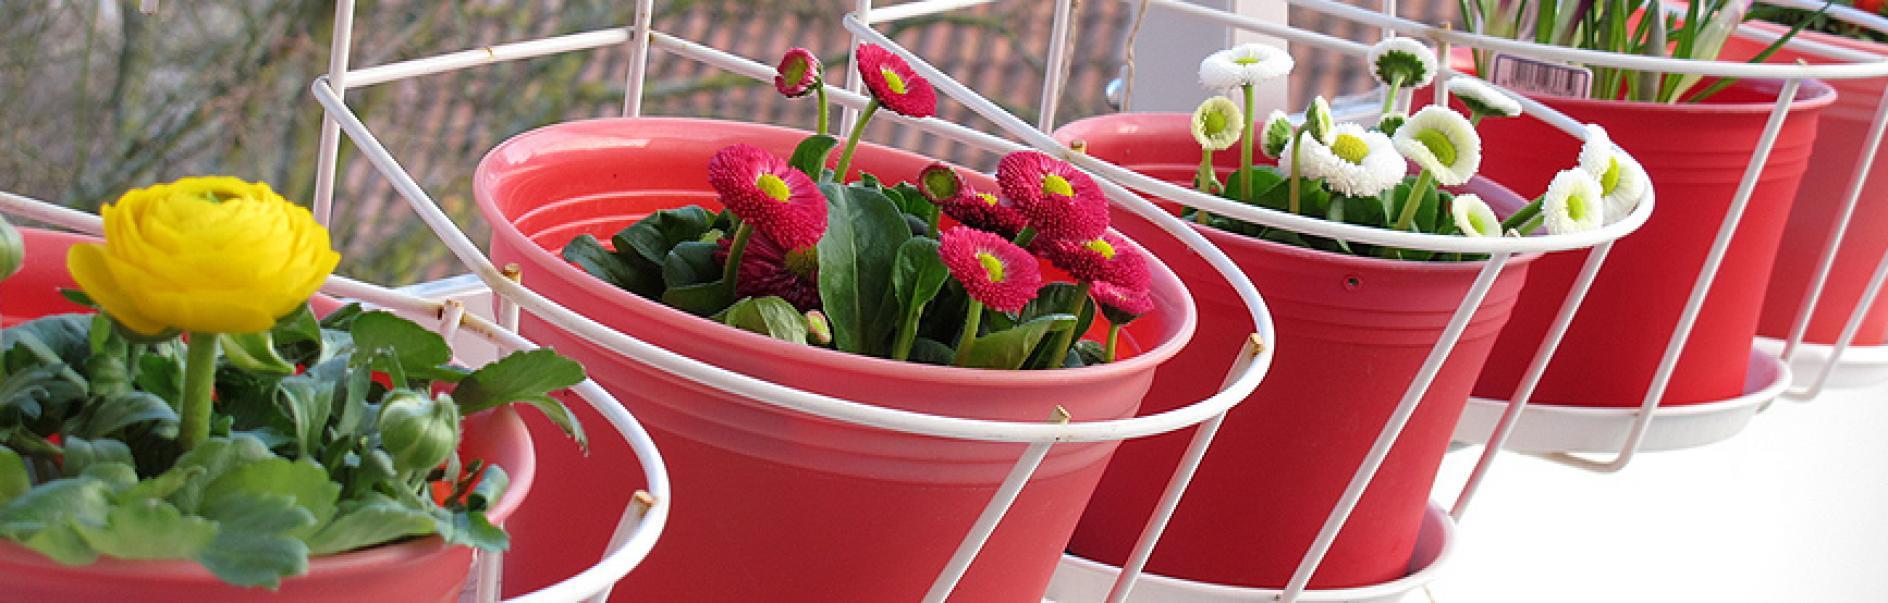 Wieszanie Skrzynki Na Kwiaty